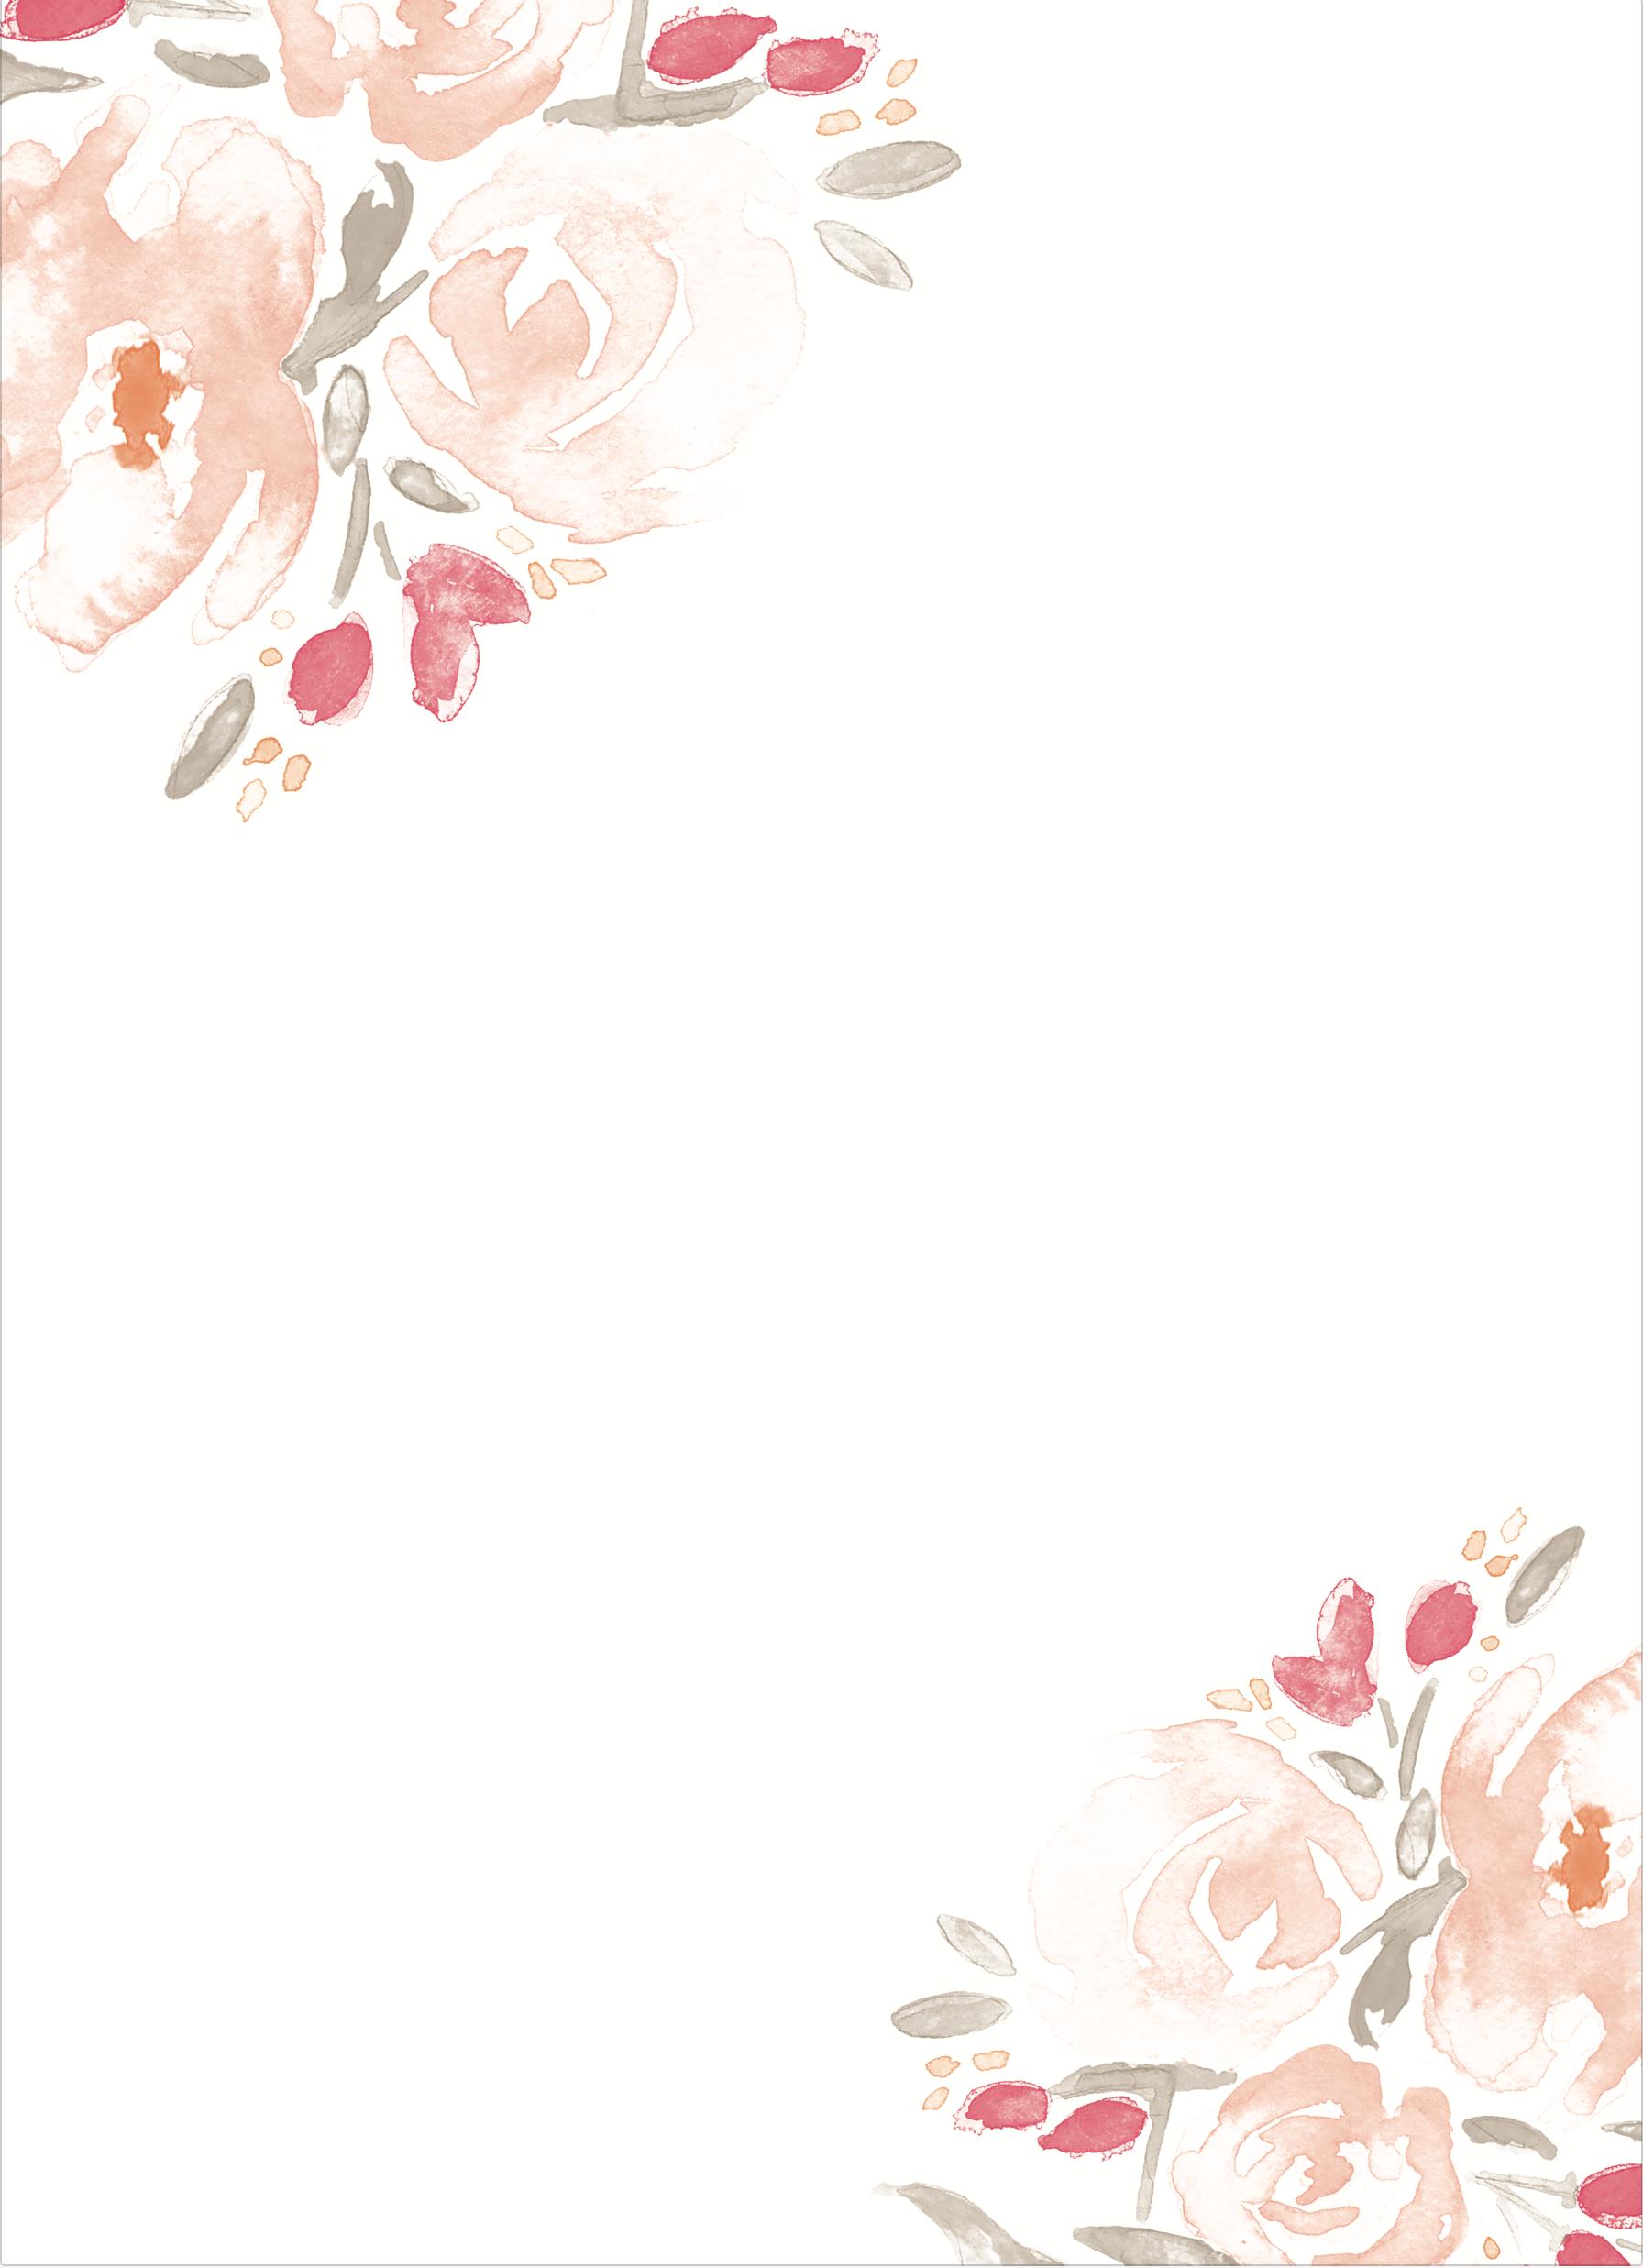 watercolor bouquet wedding invitations  watercolor